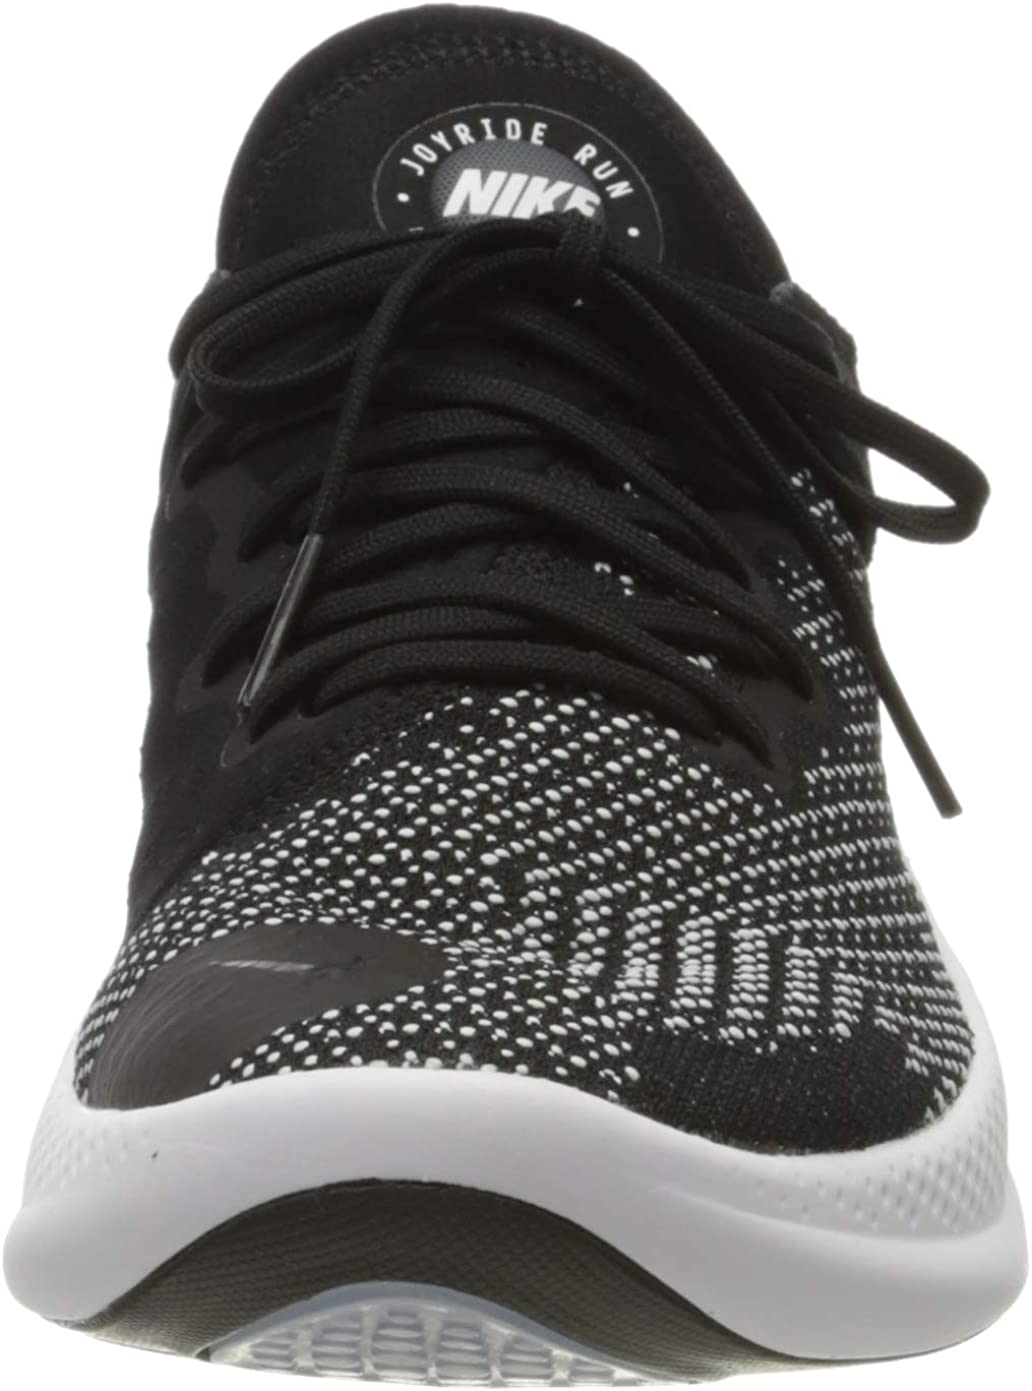 NIKE Joyride Kinetic, Zapatillas de Trail Running para Hombre: Amazon.es: Zapatos y complementos